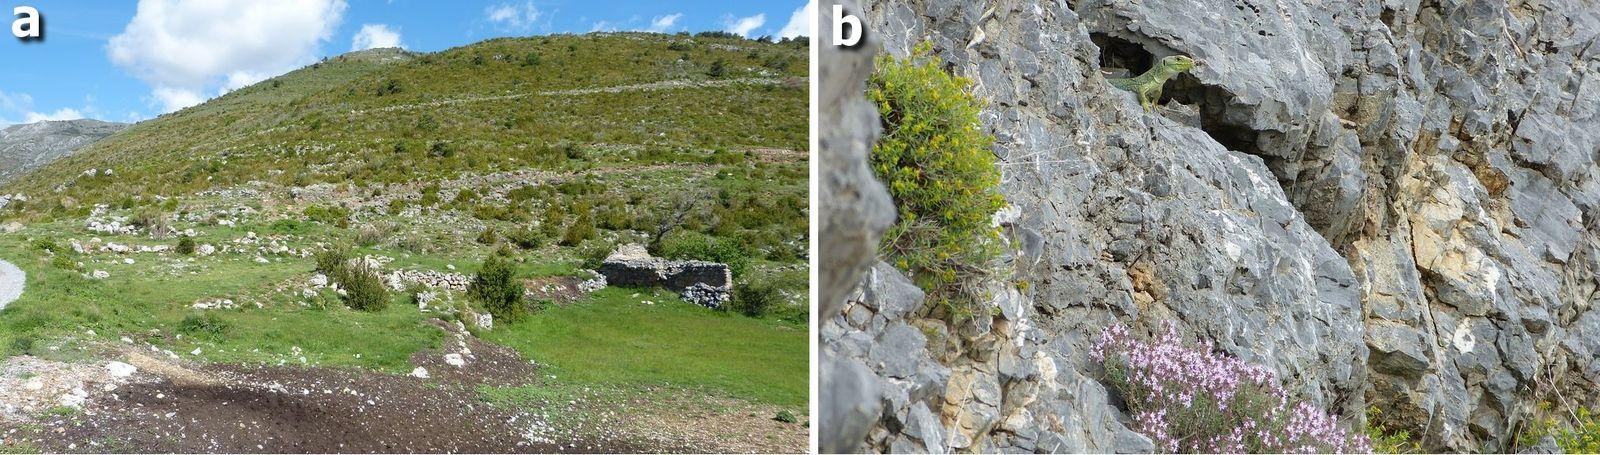 Figure 7 : Le Lézard ocellé dans le département des Alpes-Maritimes (fin). a) Habitat d'une population de Lézard ocellé jusqu'alors passée inaperçue, Fontan, 979 m, 2018 ; b) Mâle adulte à l'entrée de son gîte, Fontan, 1190 m.